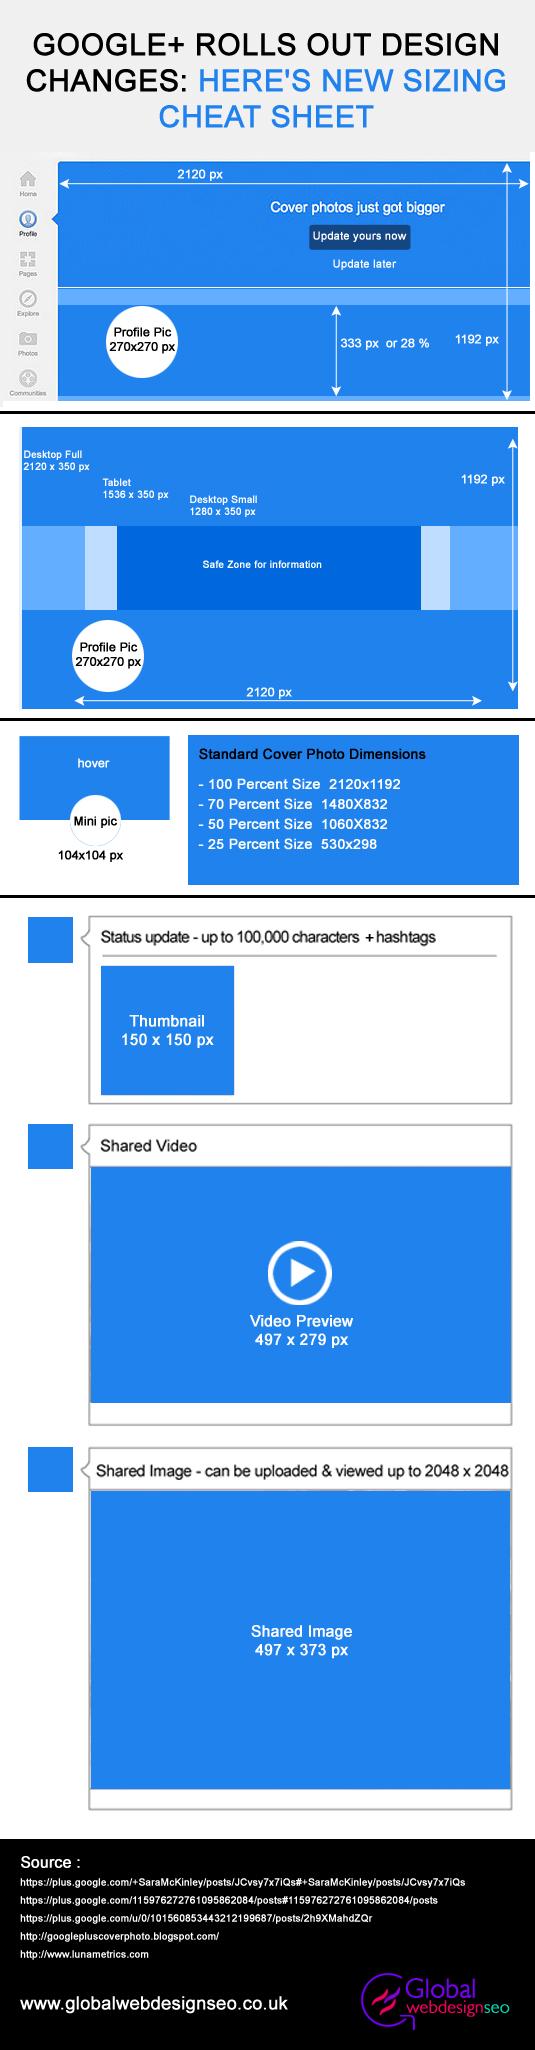 Tamaños de imágenes para Google +